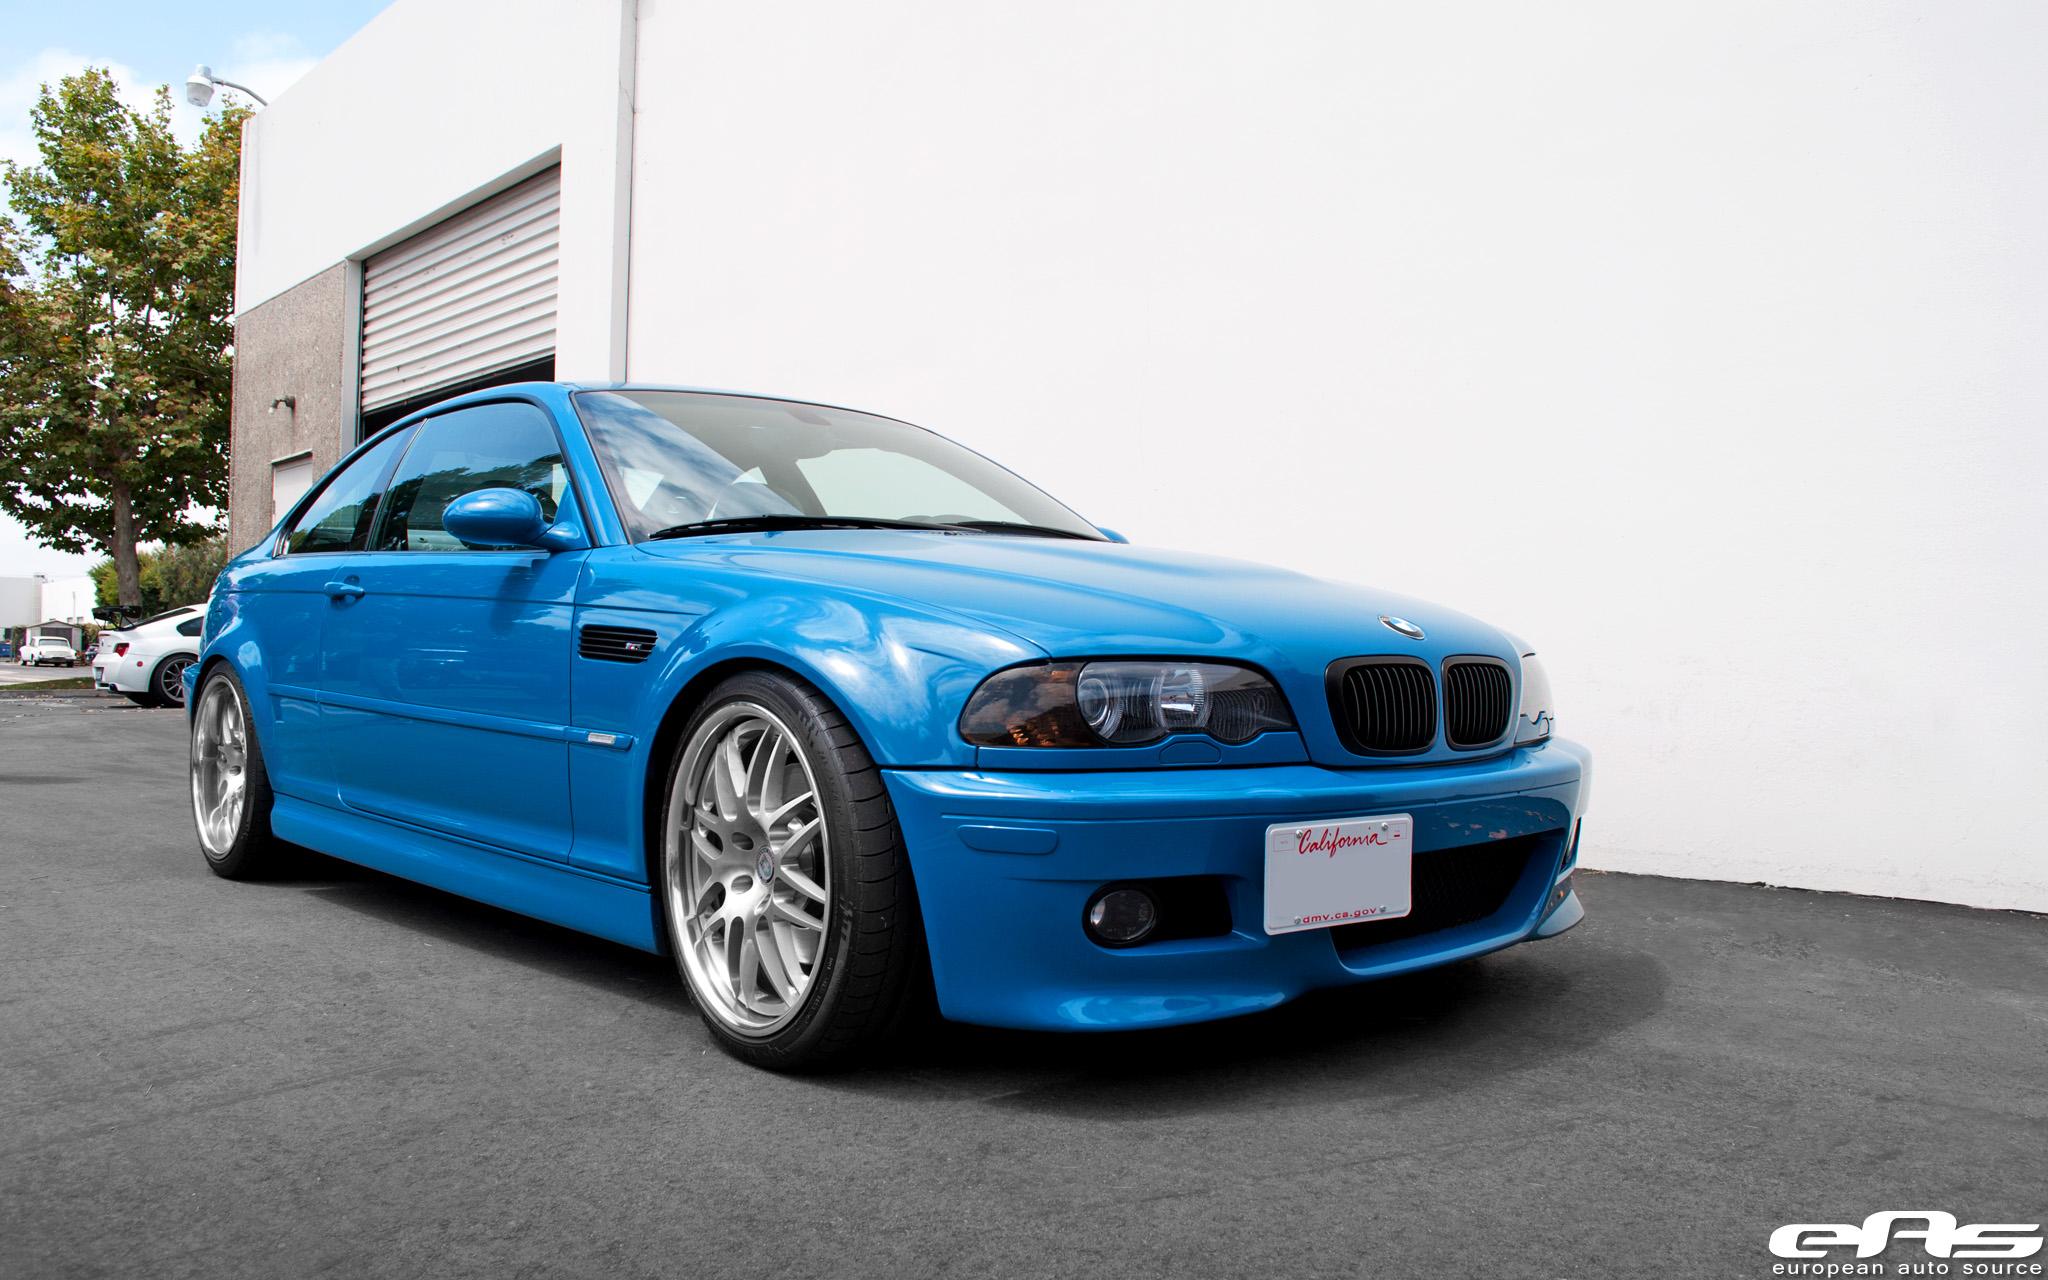 Mint Condition LSB E46 M3 | BMW Performance Parts & Services